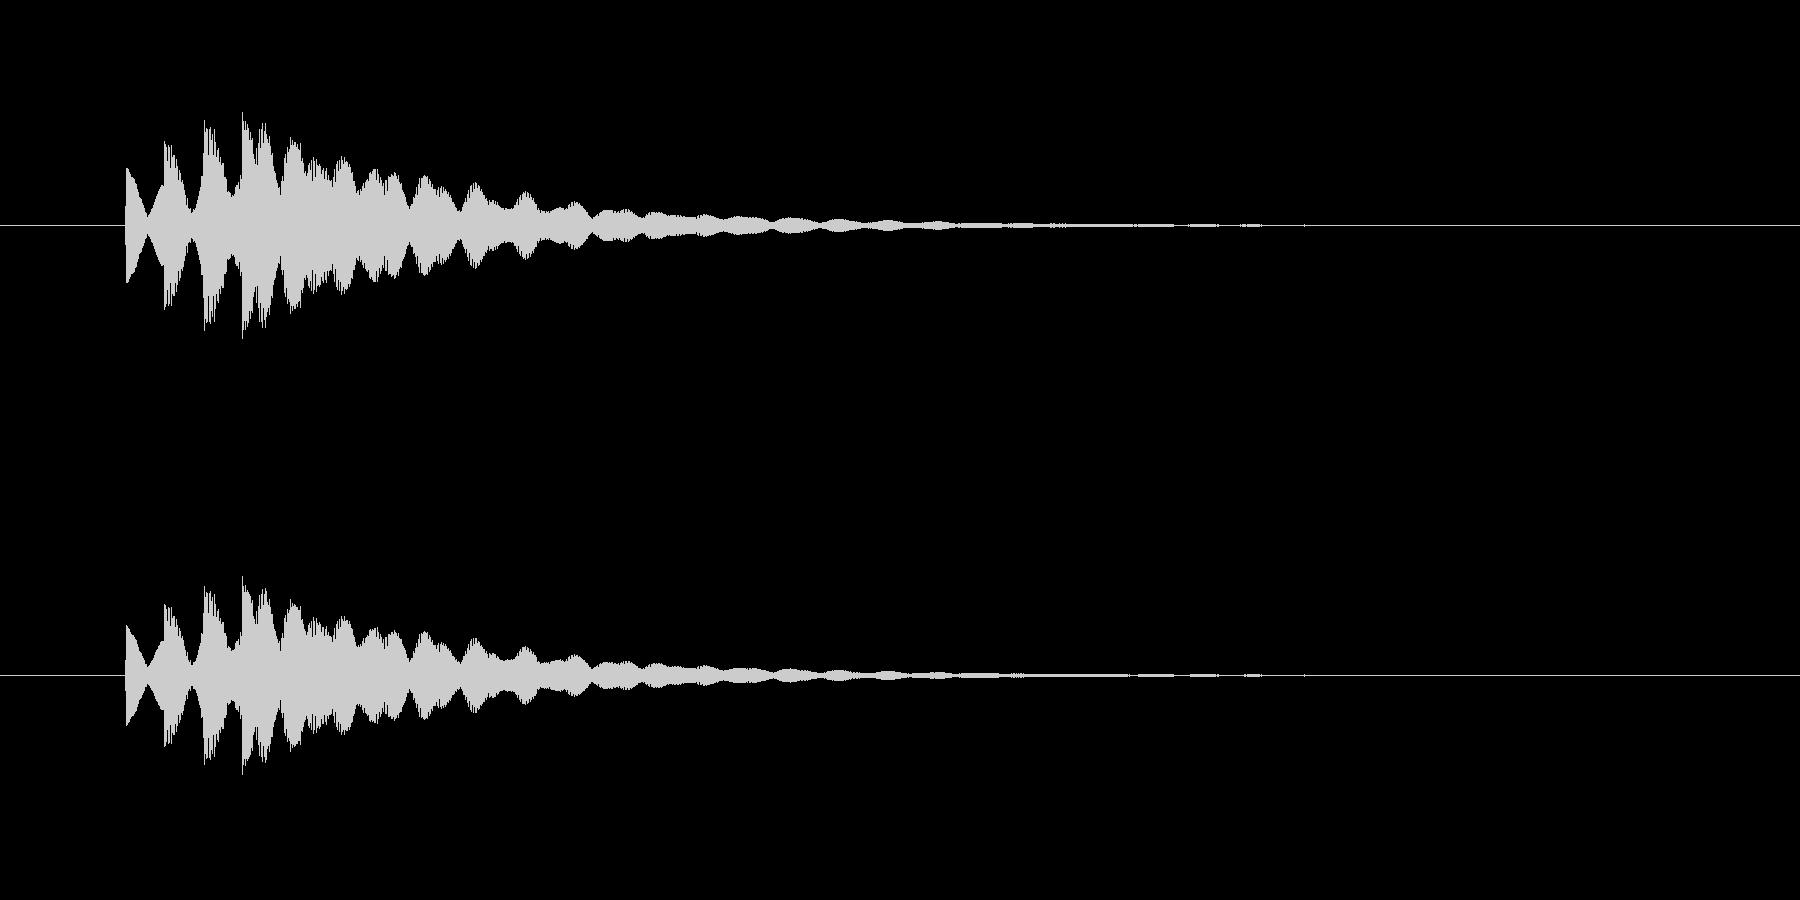 ピポピポン(やわらかいチャイム音)の未再生の波形